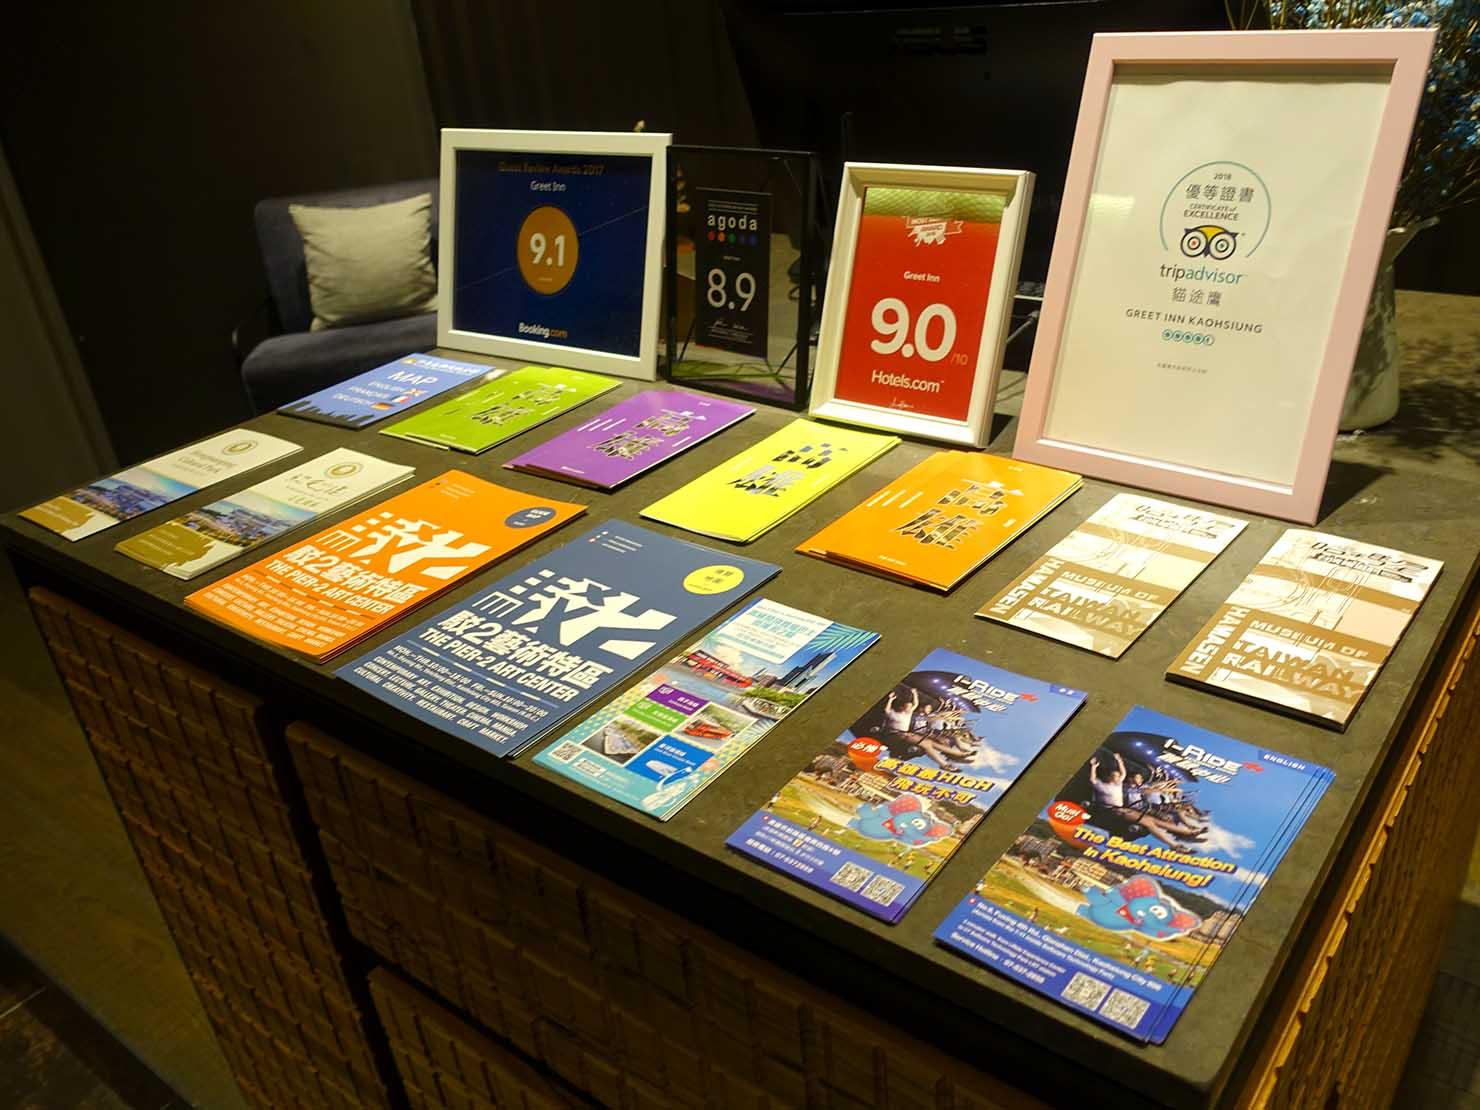 高雄市内観光におすすめのホテル「GREET INN 喜迎旅店」ロビーに置かれた観光情報